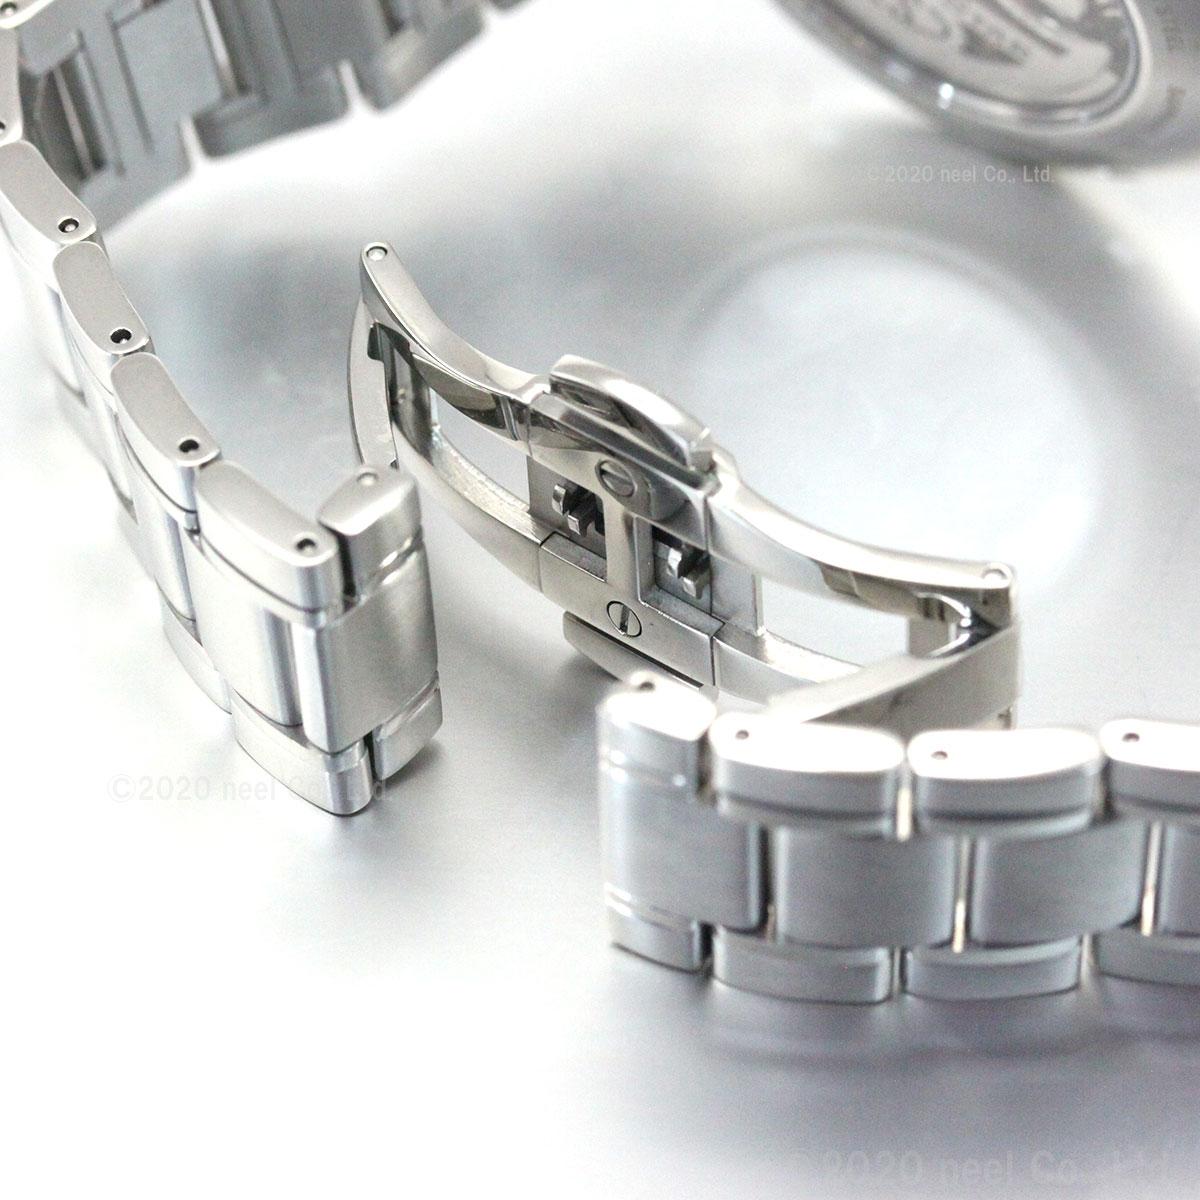 オリエントスター ORIENT STAR 腕時計 メンズ 自動巻き 機械式 クラシック CLASSIC メカニカルムーンフェイズ RK-AY0102S